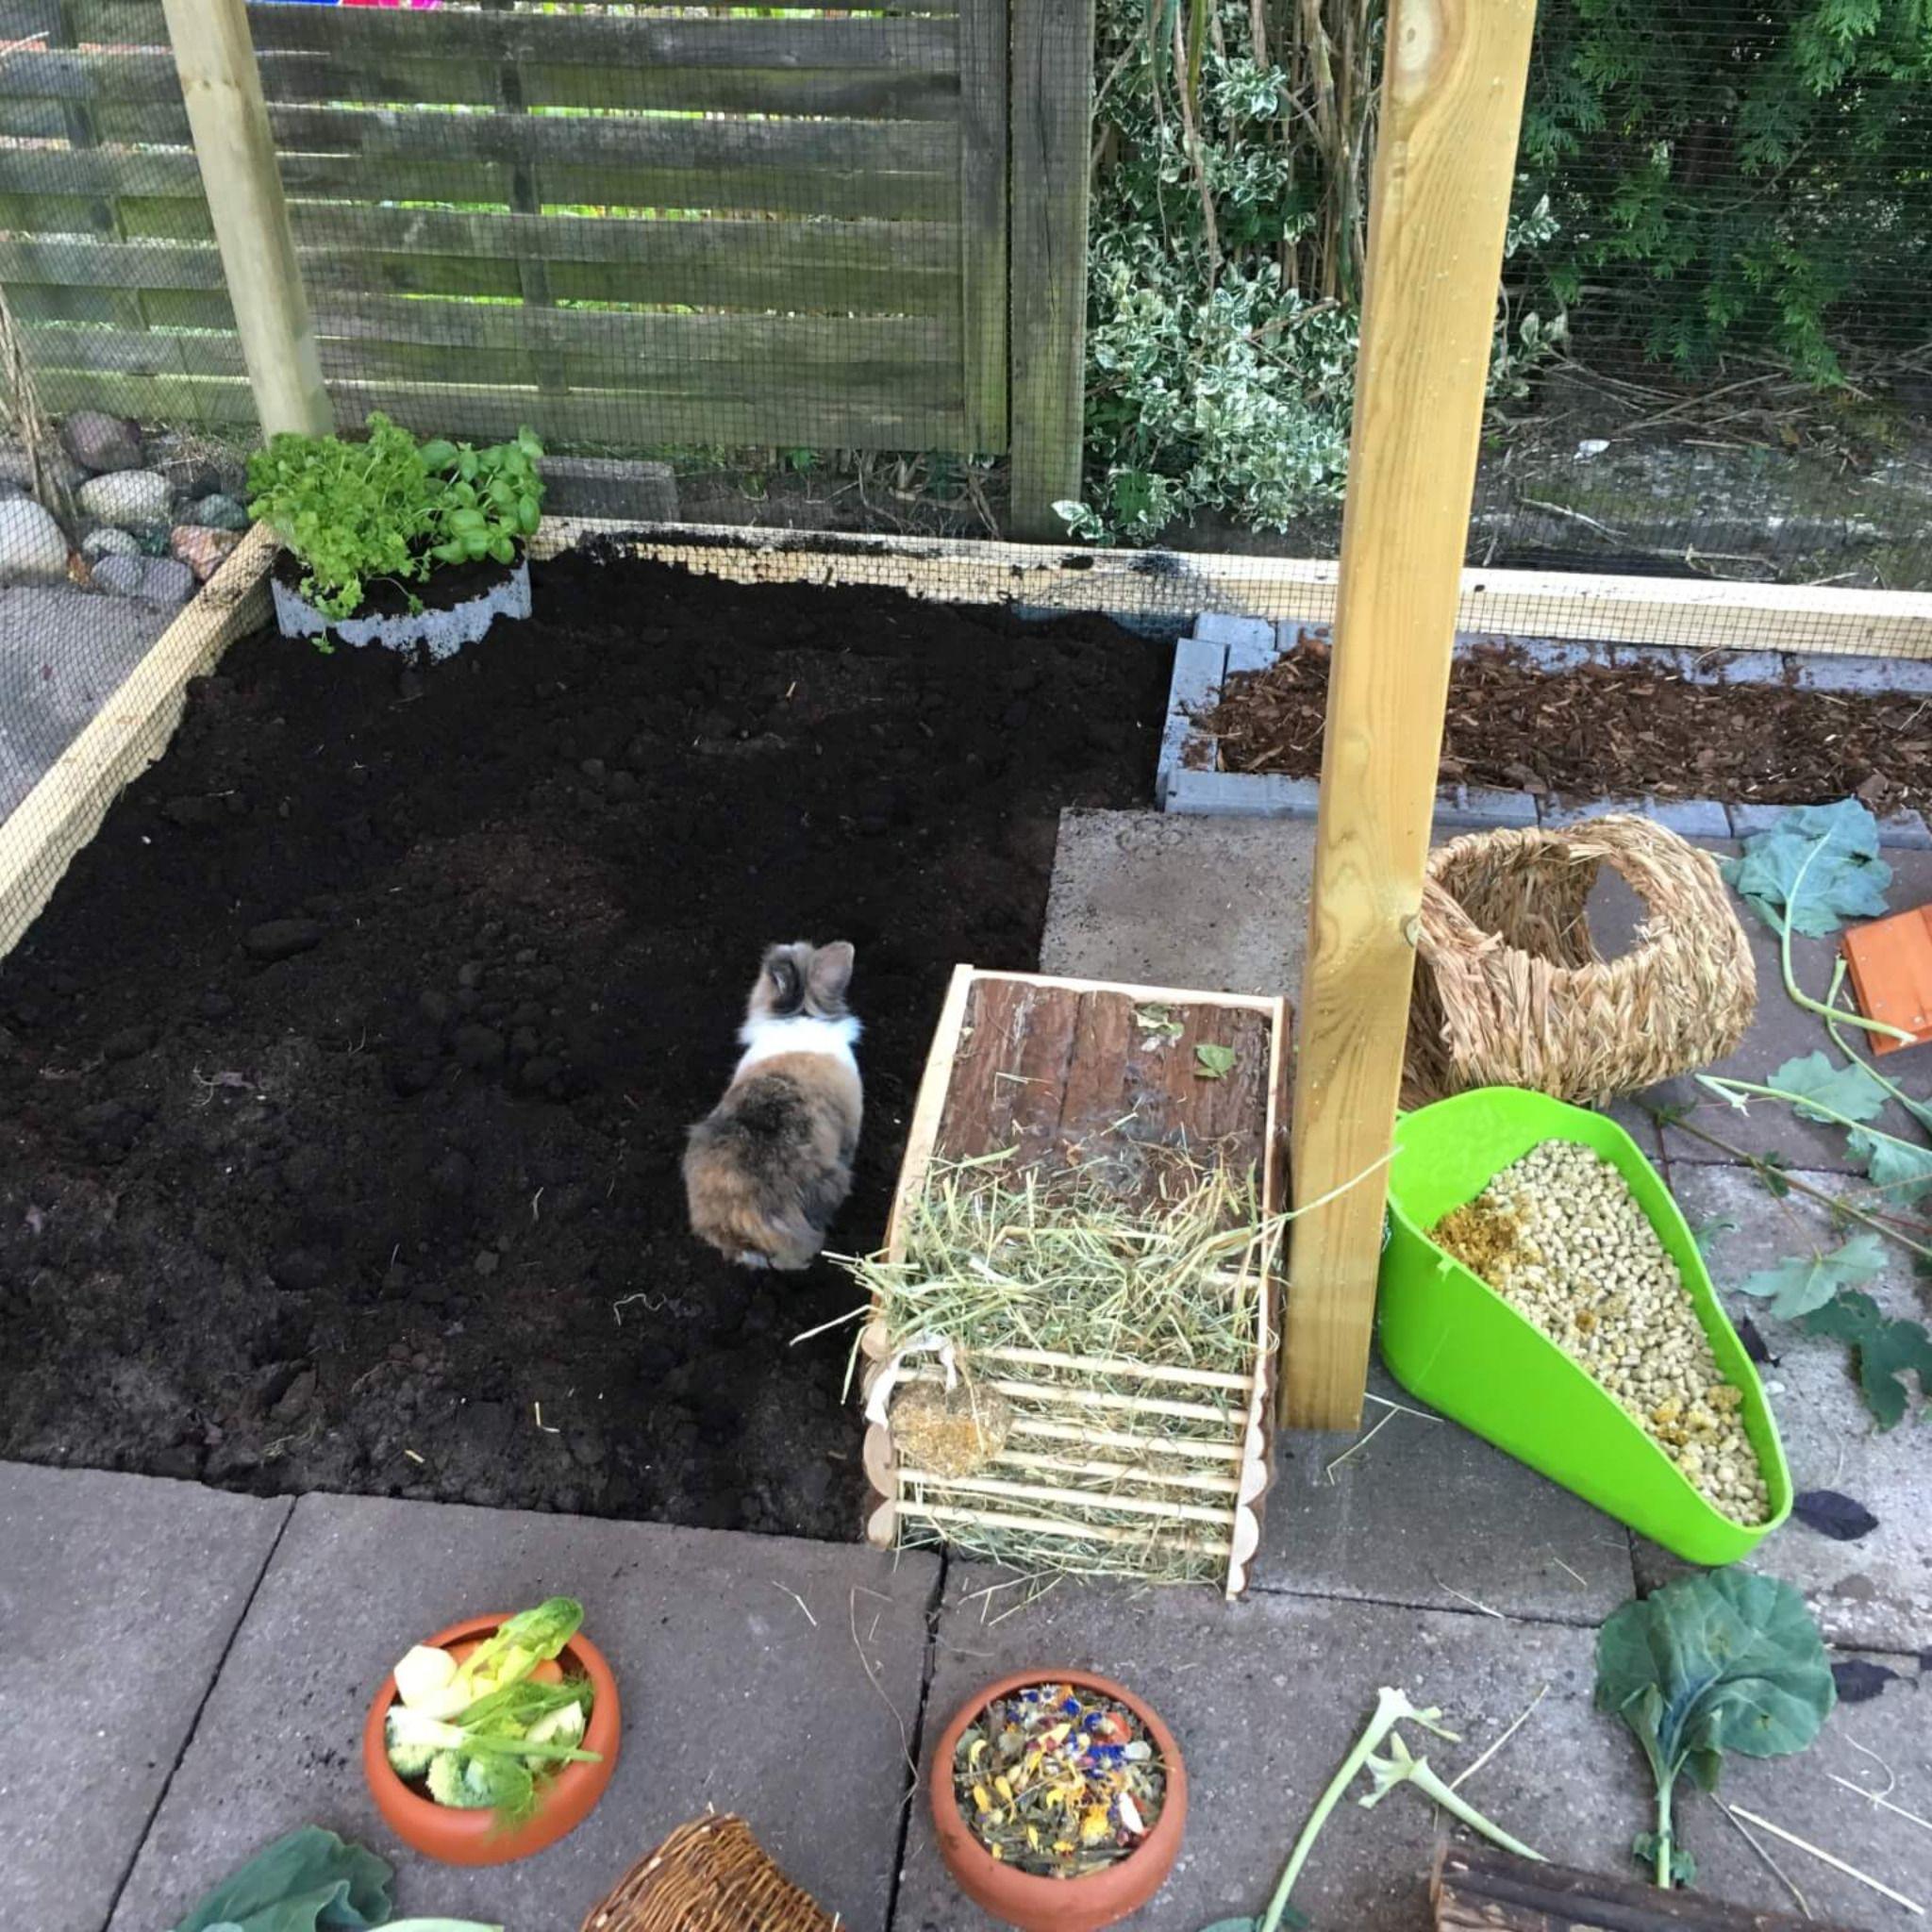 Mein Kaninchen Aussengehege Eigenbau Kaninchen Aussengehege Kaninchen Aussengehege